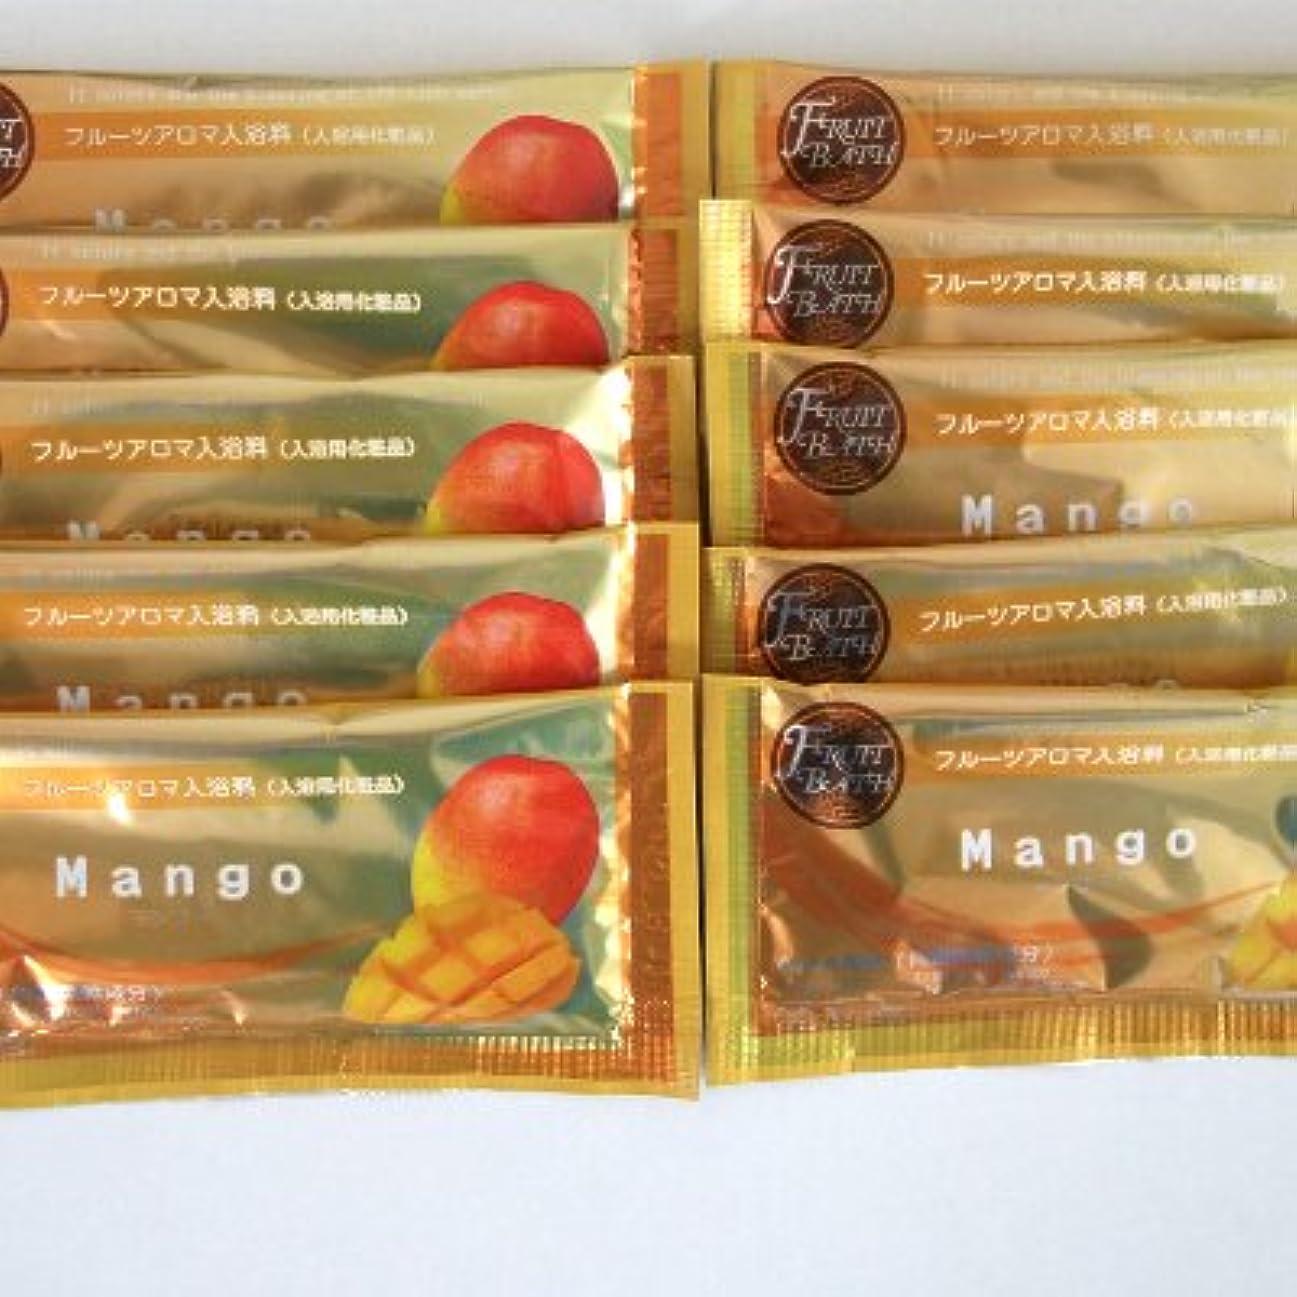 くびれたディレイ枯れるフルーツアロマ入浴剤 マンゴーの香り 10包セット